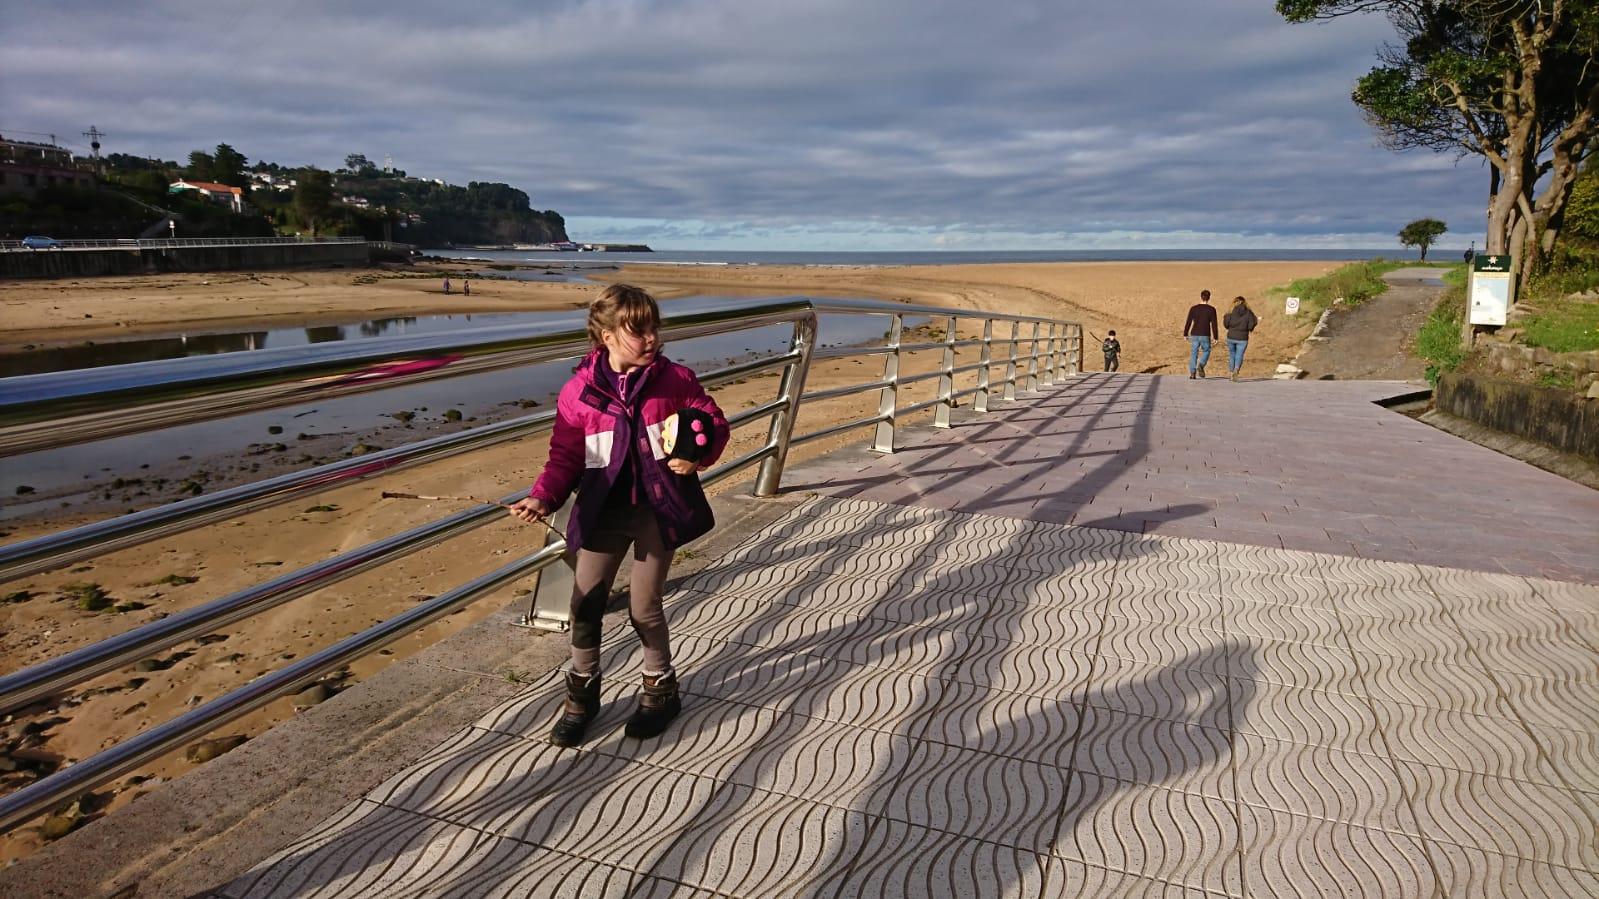 Camino de entrada y salida a la senda de los dinosaurios en la Playa de la Griega. Asturias ©J.R.Aguirre